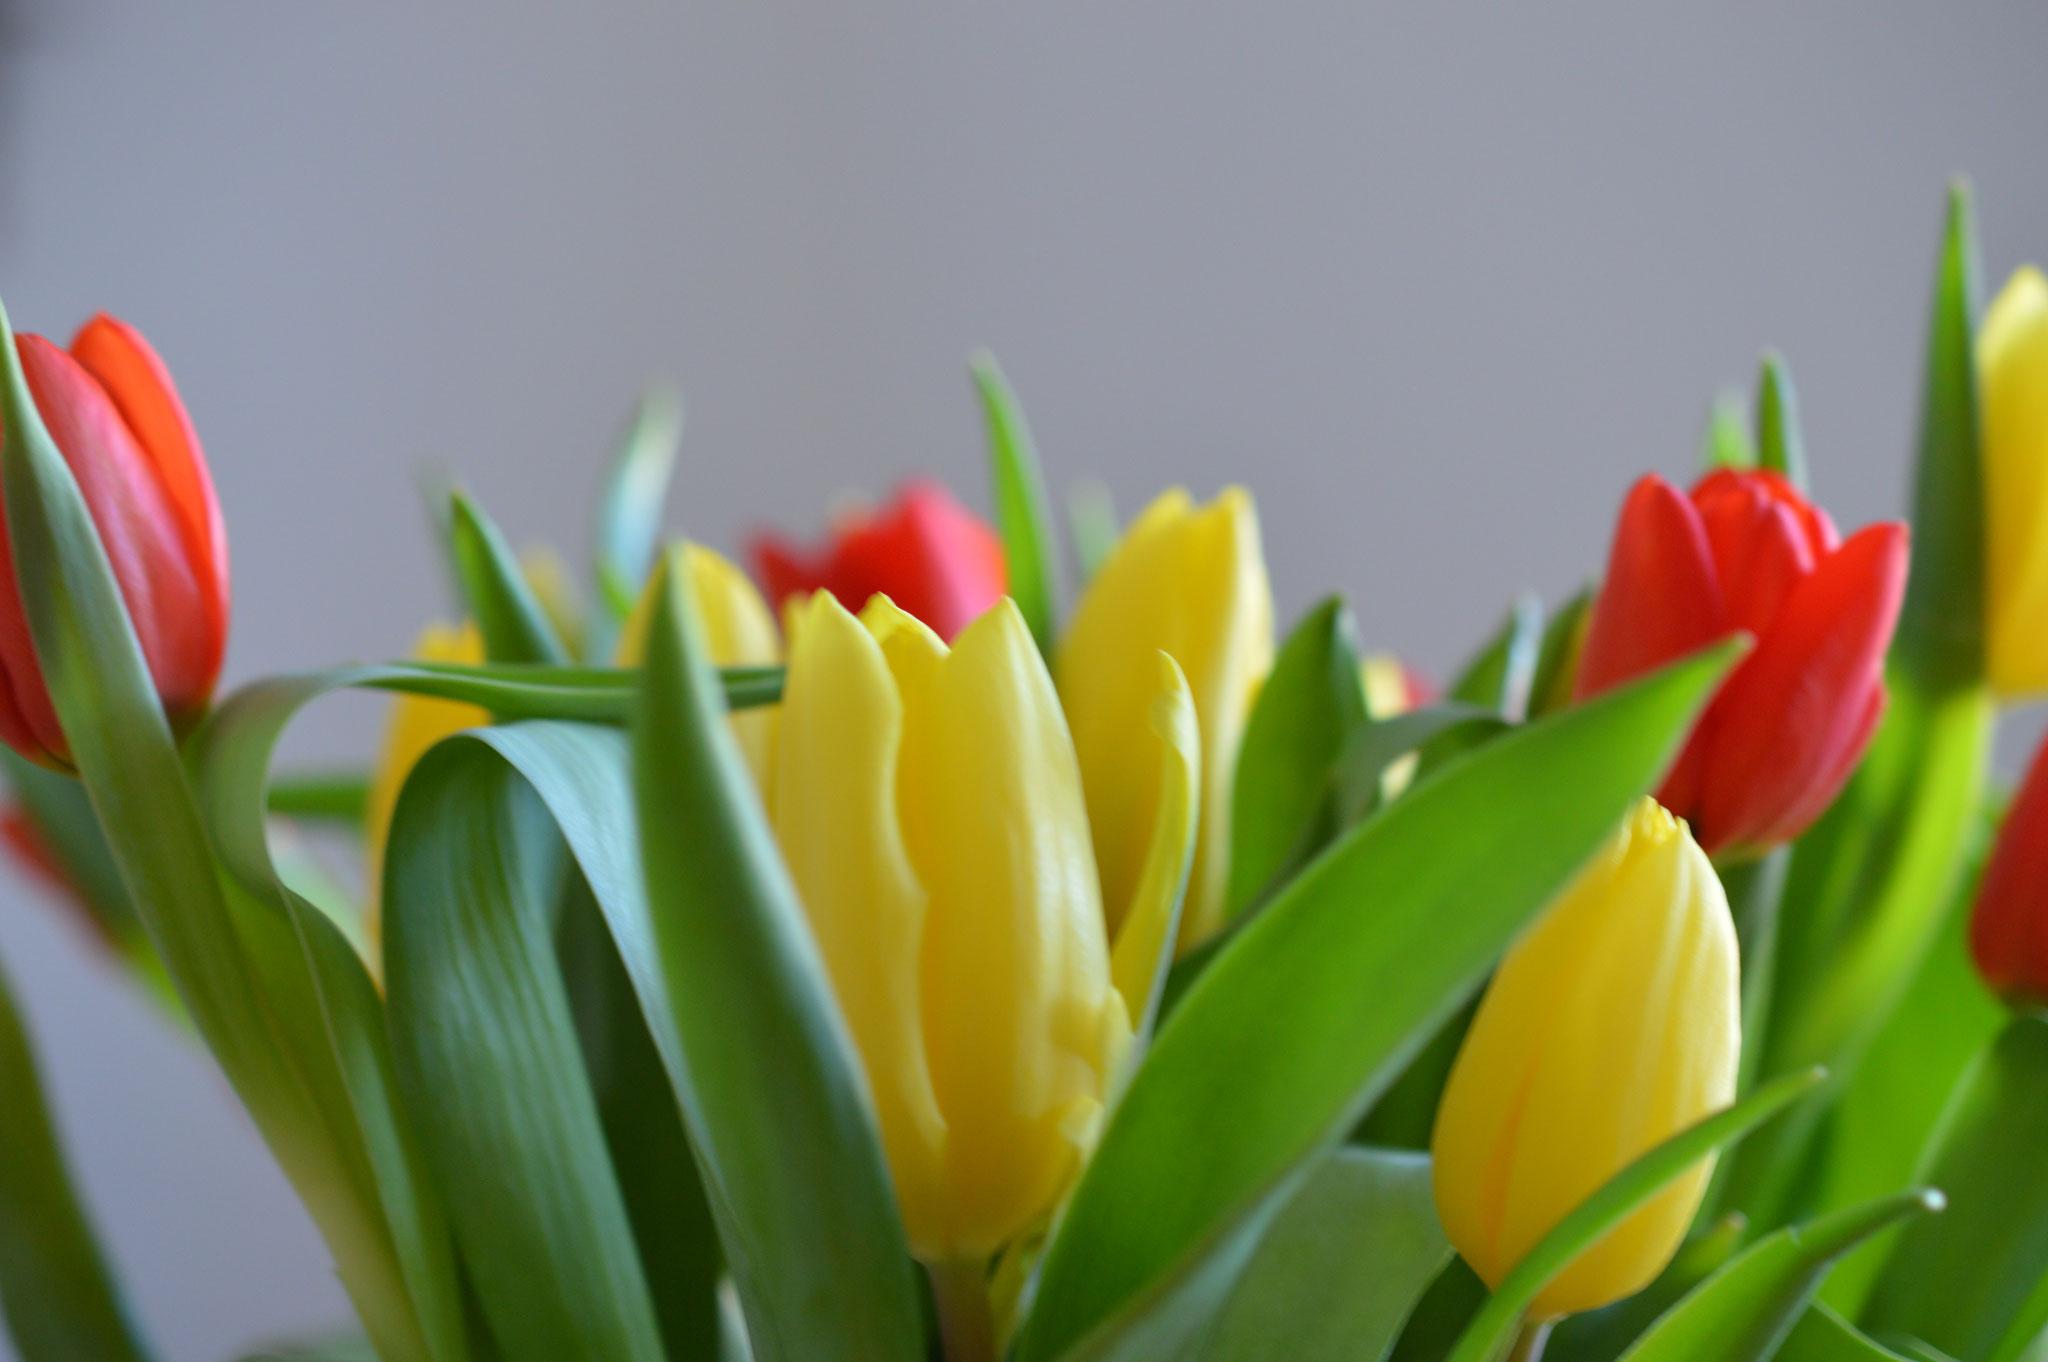 Der Frühling ist da - rote und gelbe Tulpen